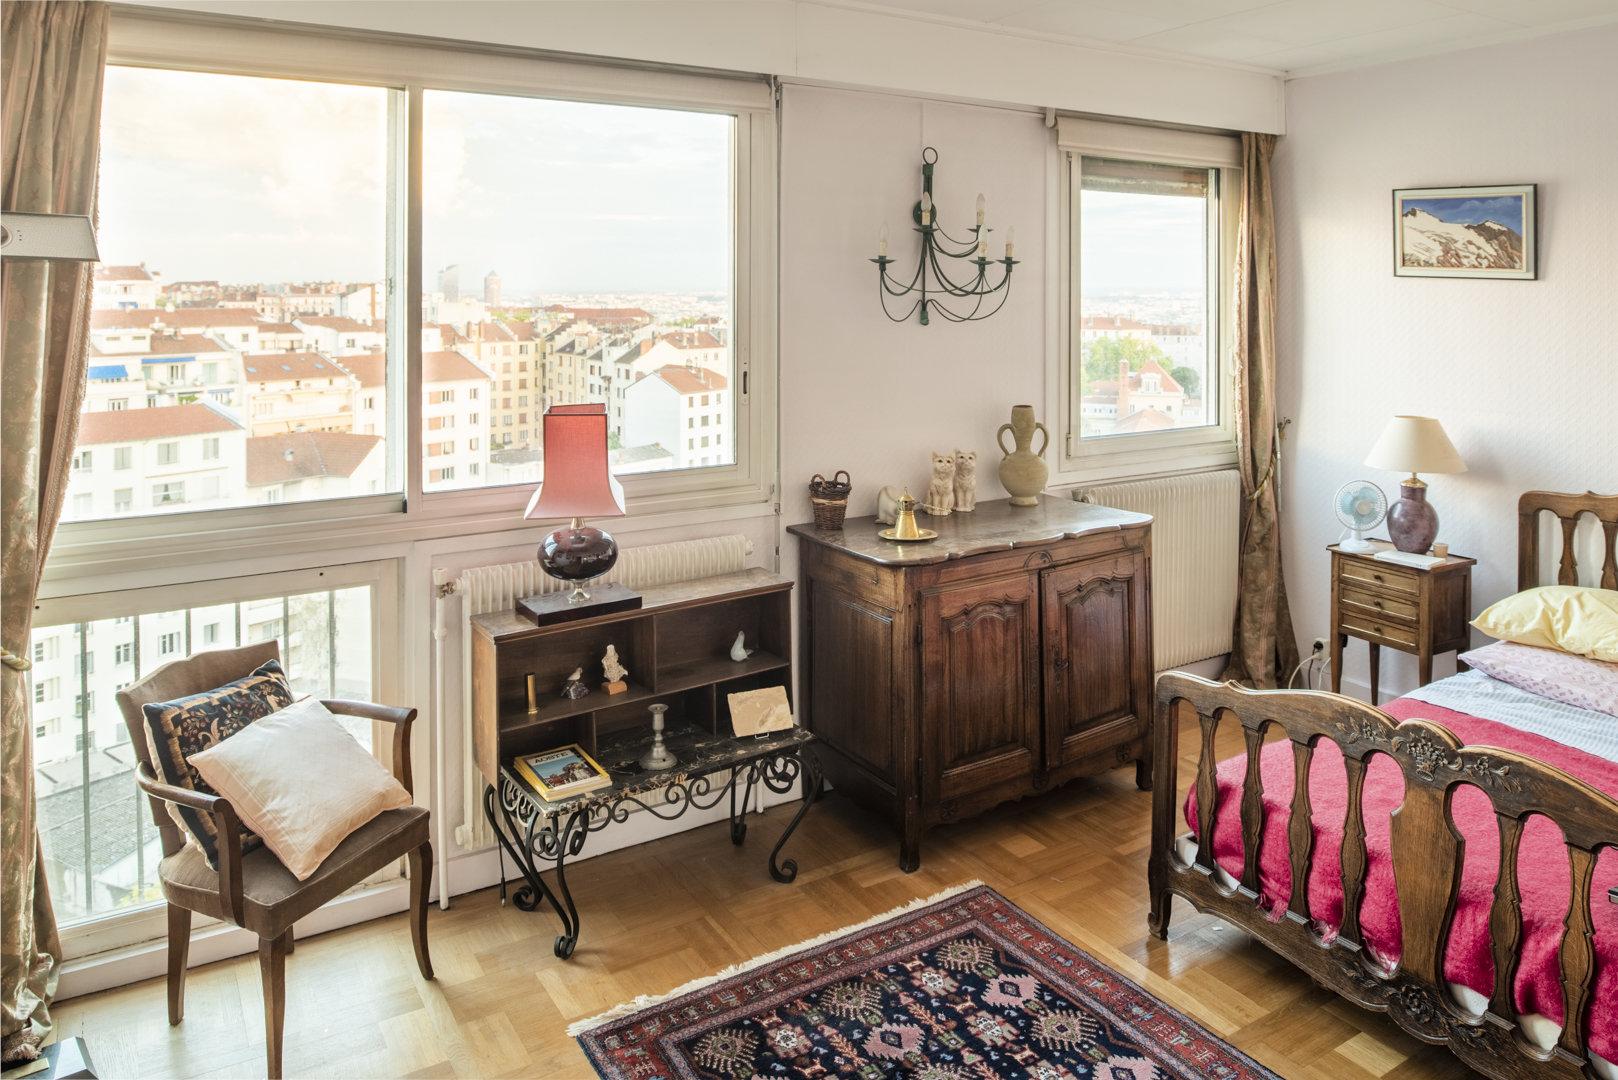 Croix-rousse - Duplex dernier étage terrasse